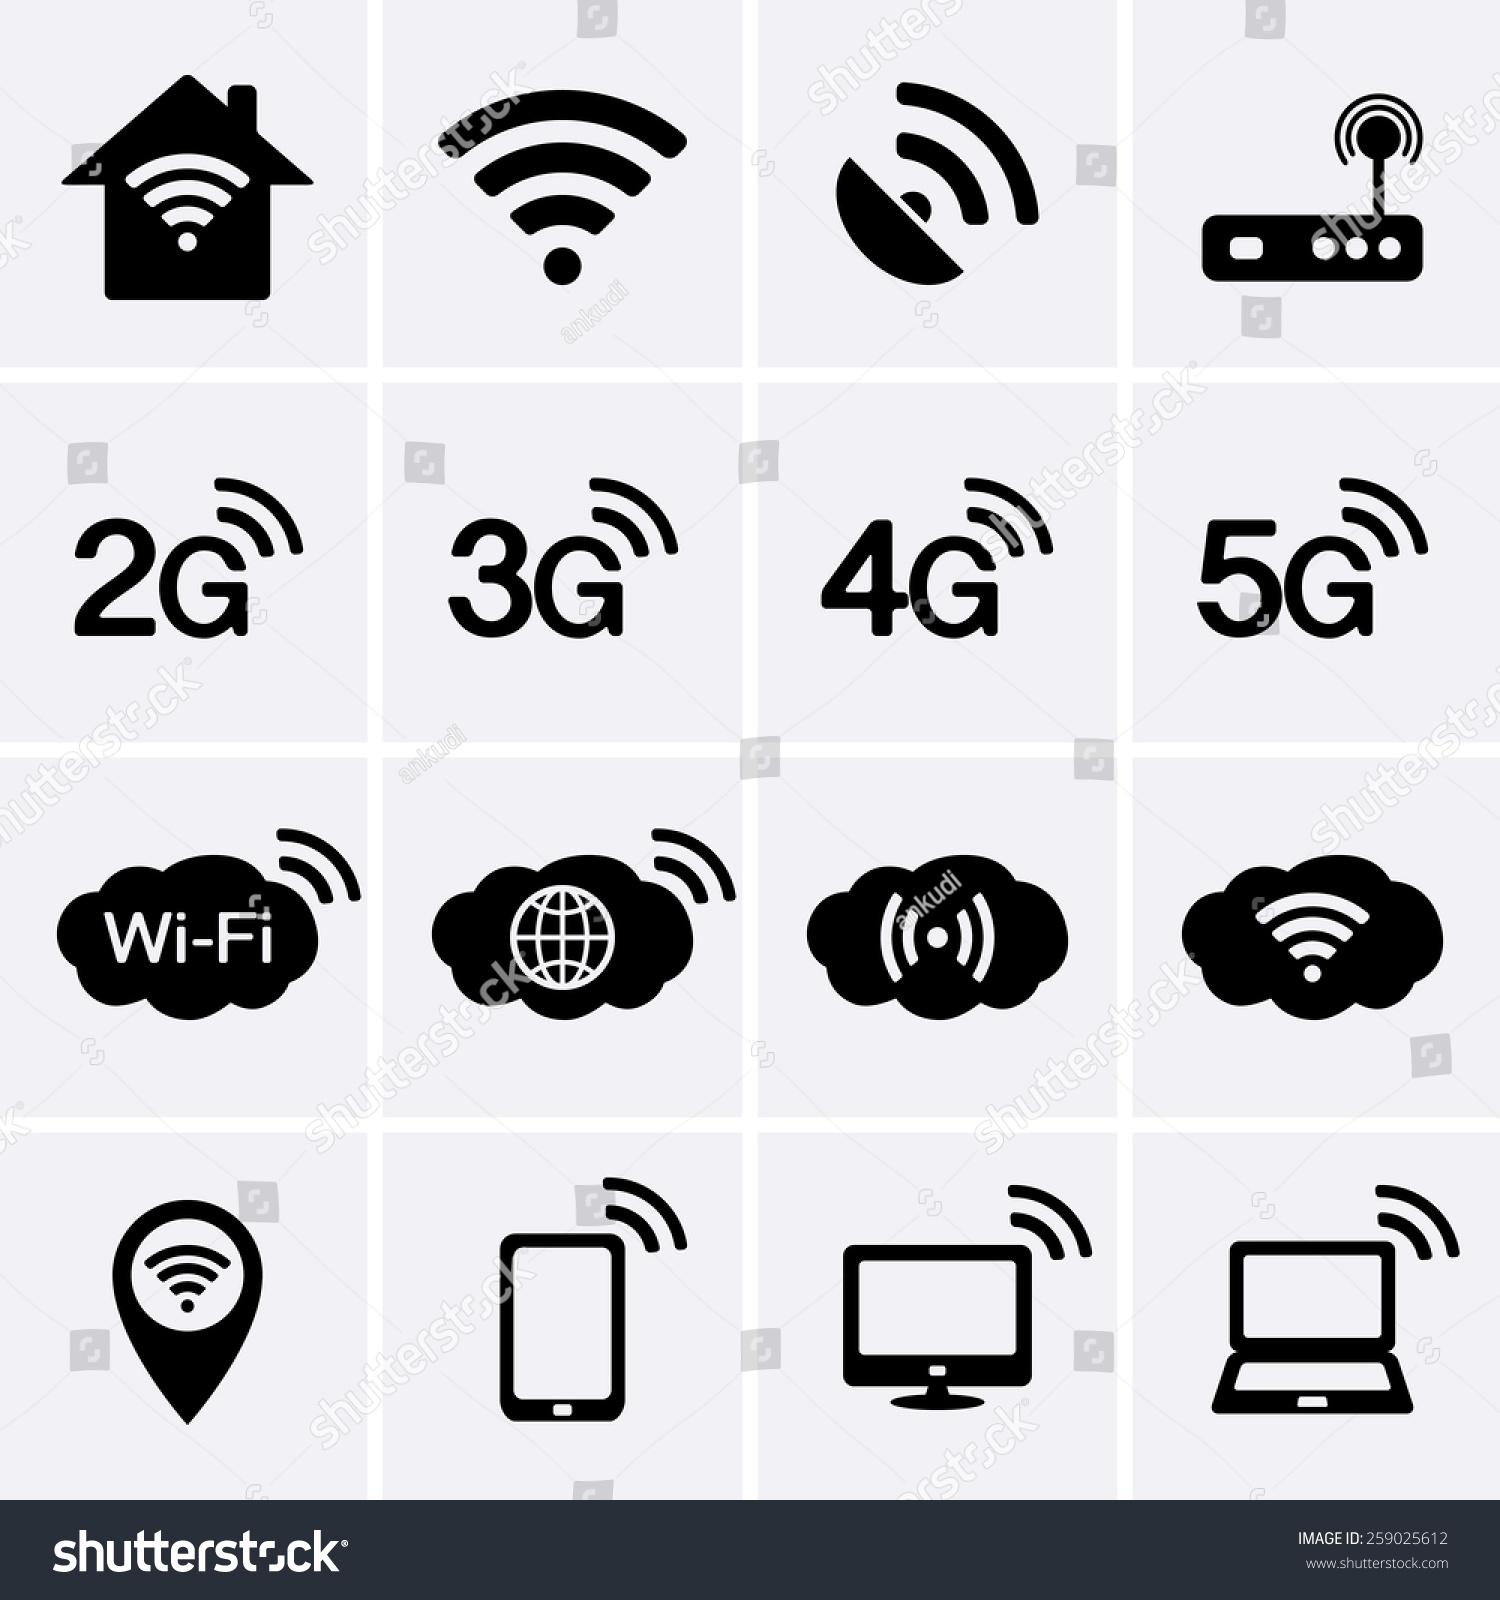 无线wifi图标.2g,3g,4g,5g技术符号.-科技,符号/标志